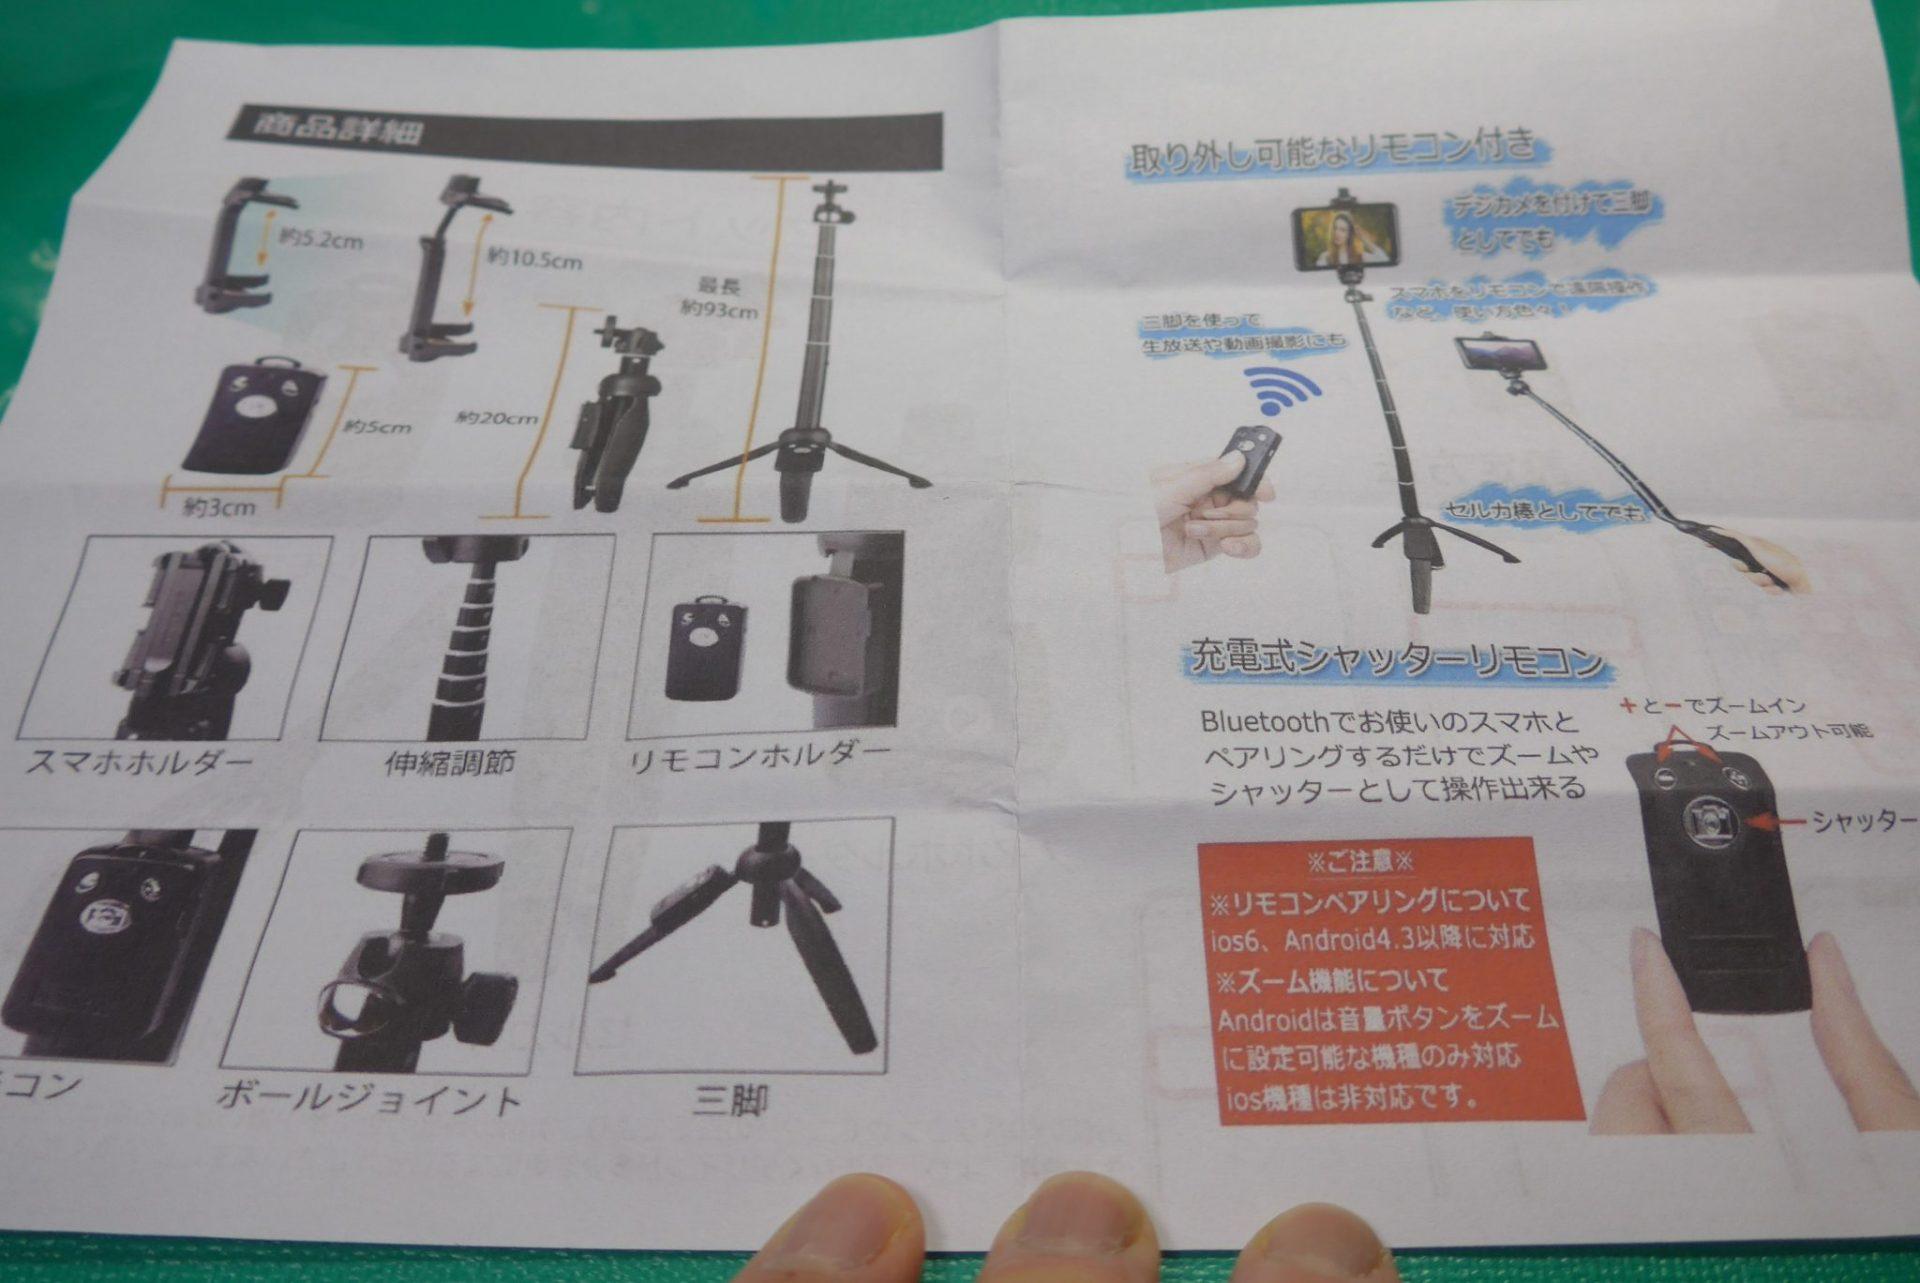 (S)撮影に便利な自撮り棒!三脚付きワイヤレスをアマゾンで購入